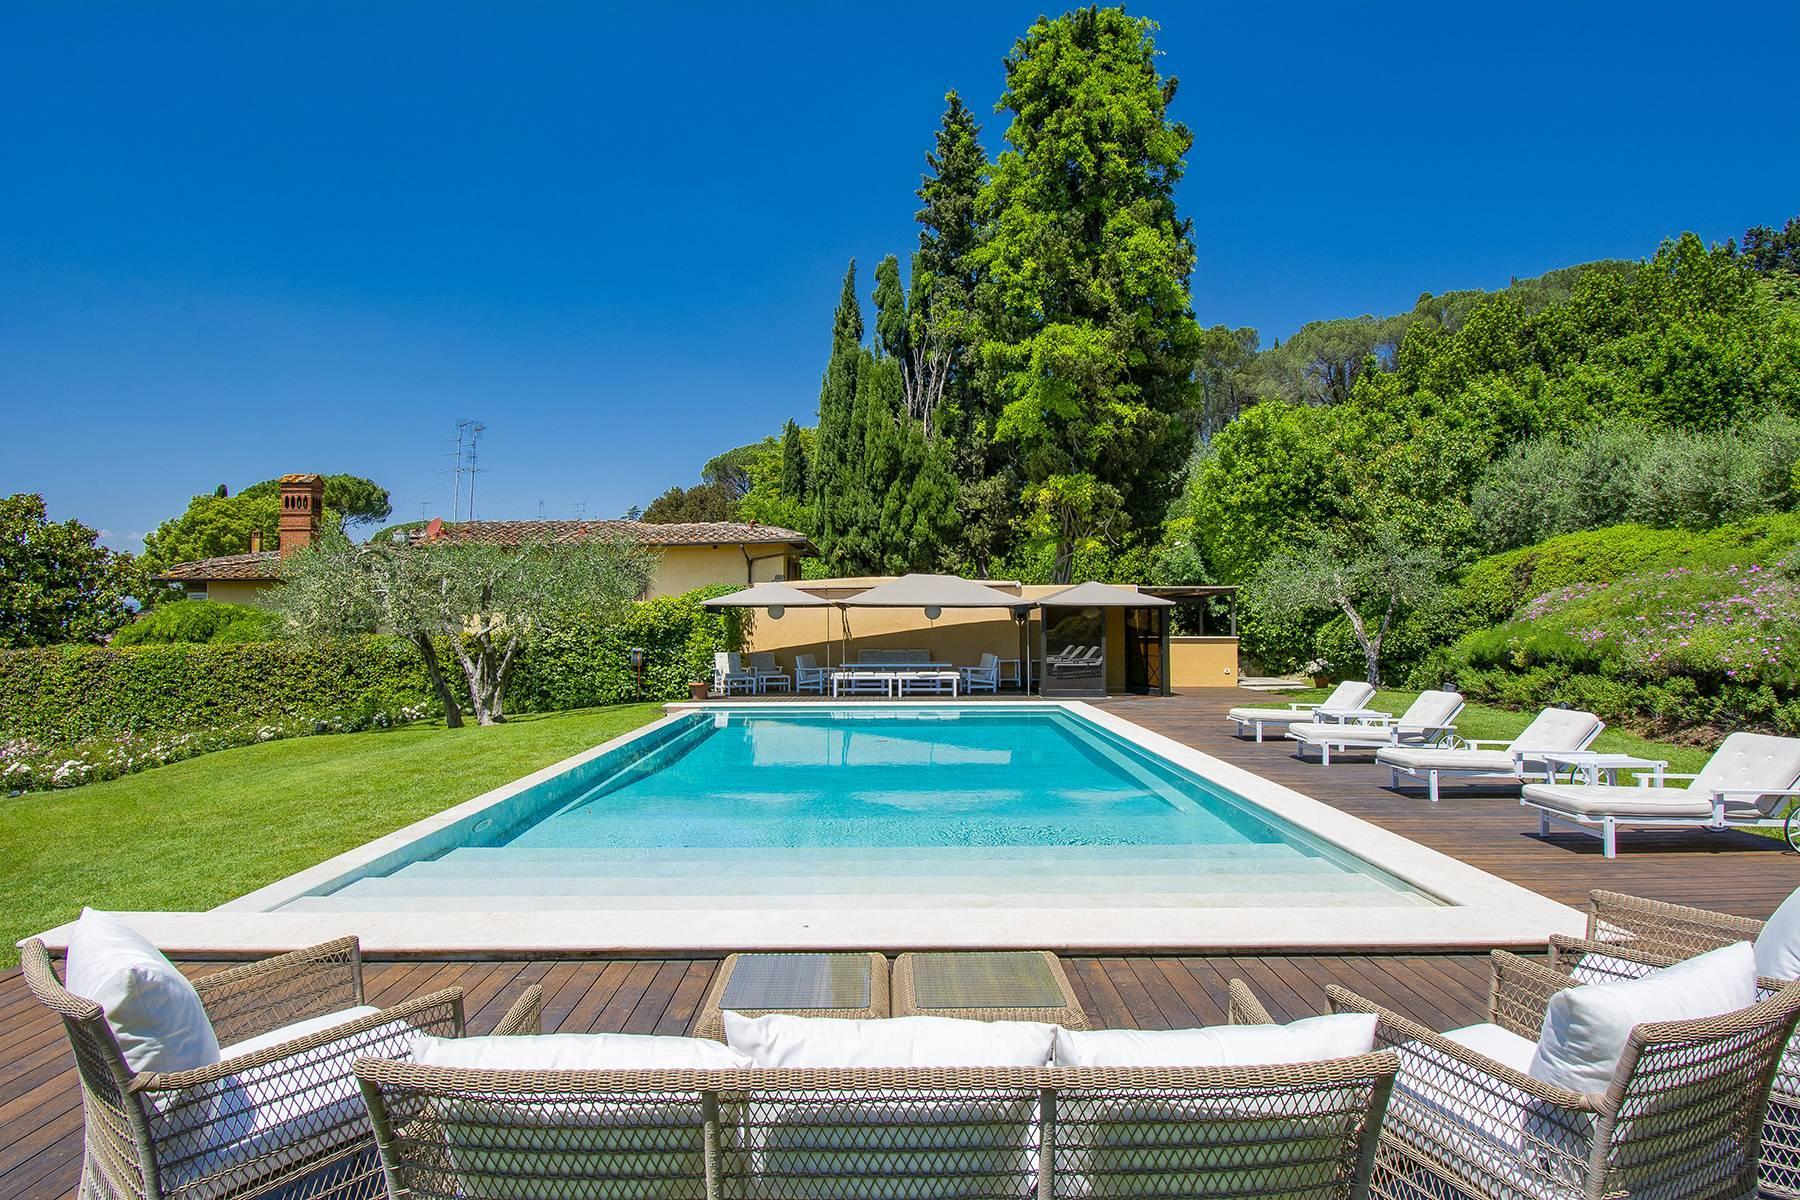 Außergewöhnliche Villa auf den Hügeln um Florenz mit Swimmingpool und Fitnessraum - 22